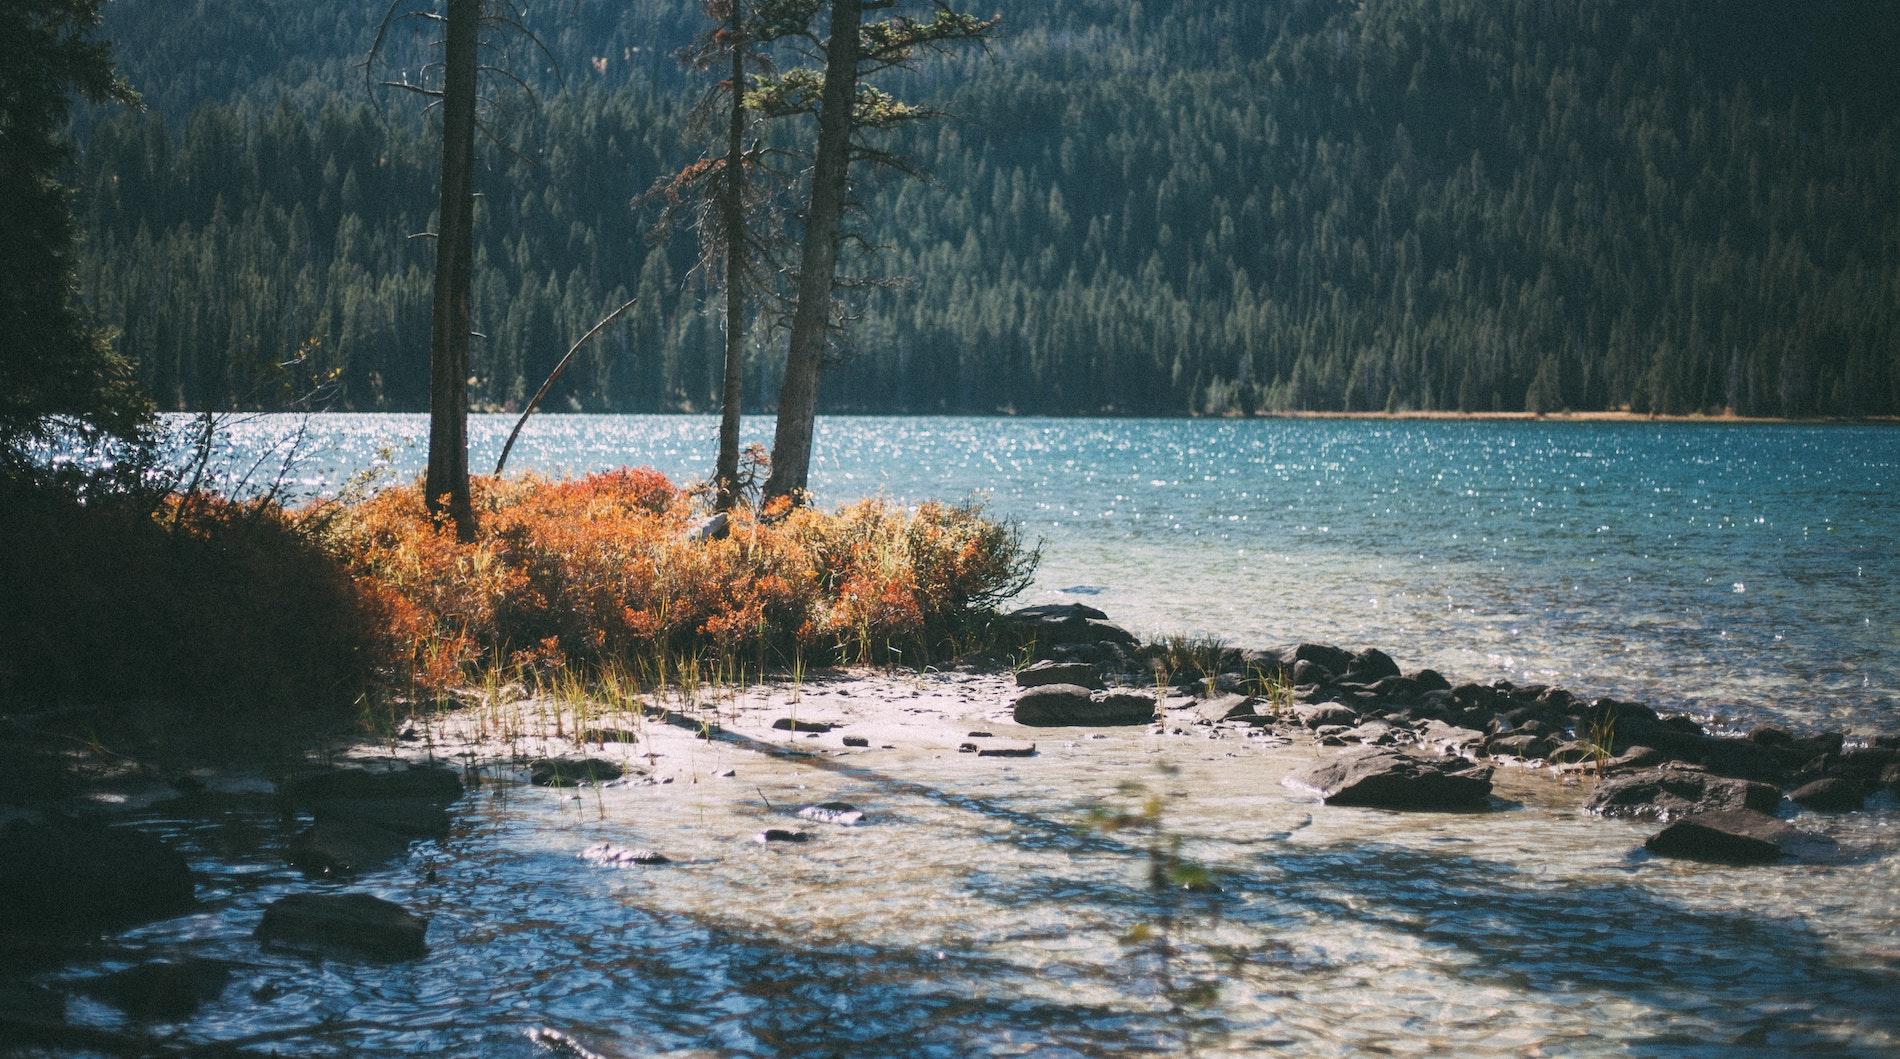 teton national forest, united states